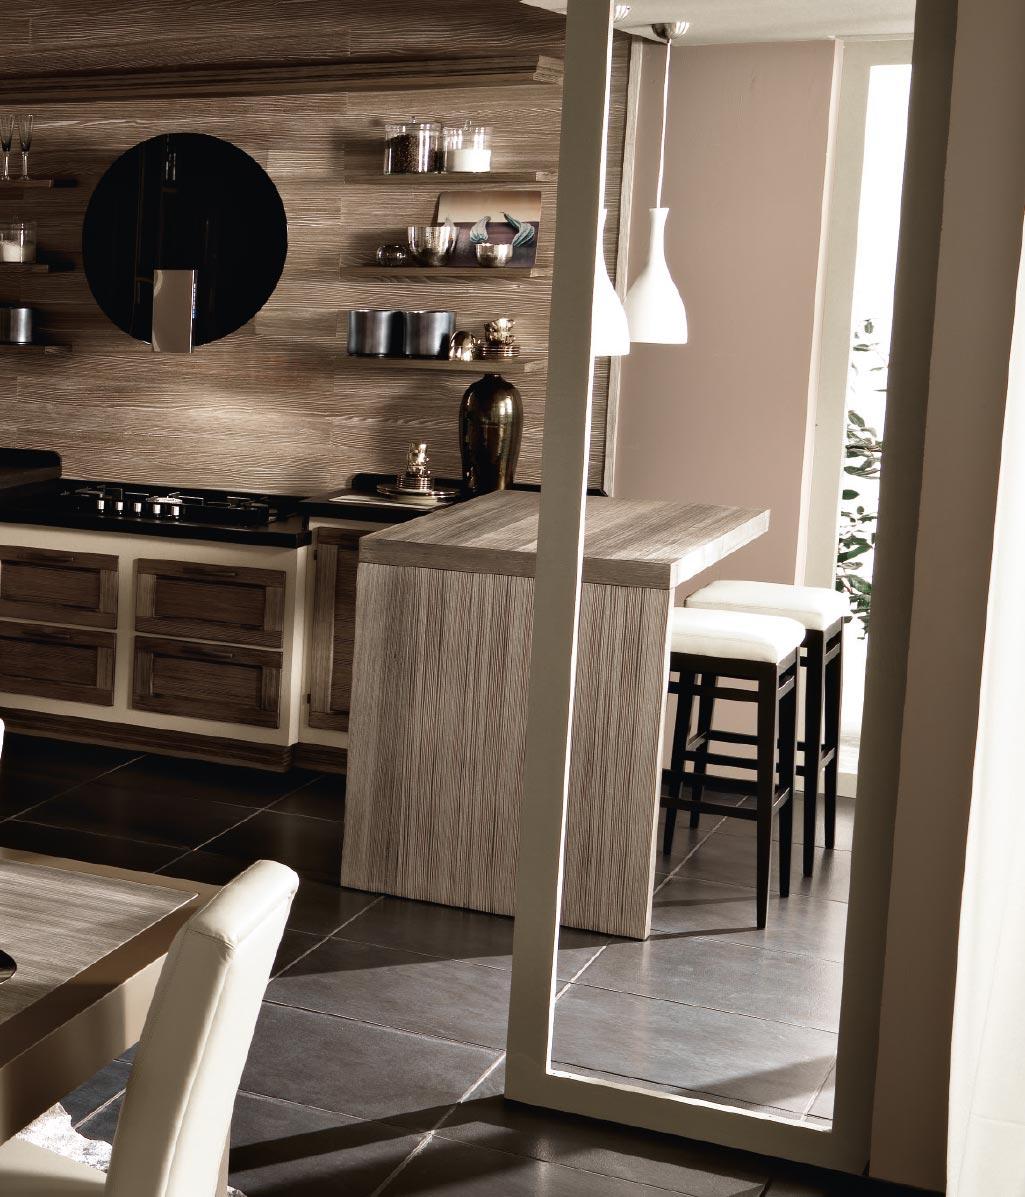 Obi cucine idee per pannelli retro cucina obi immagini for Obi pannelli legno